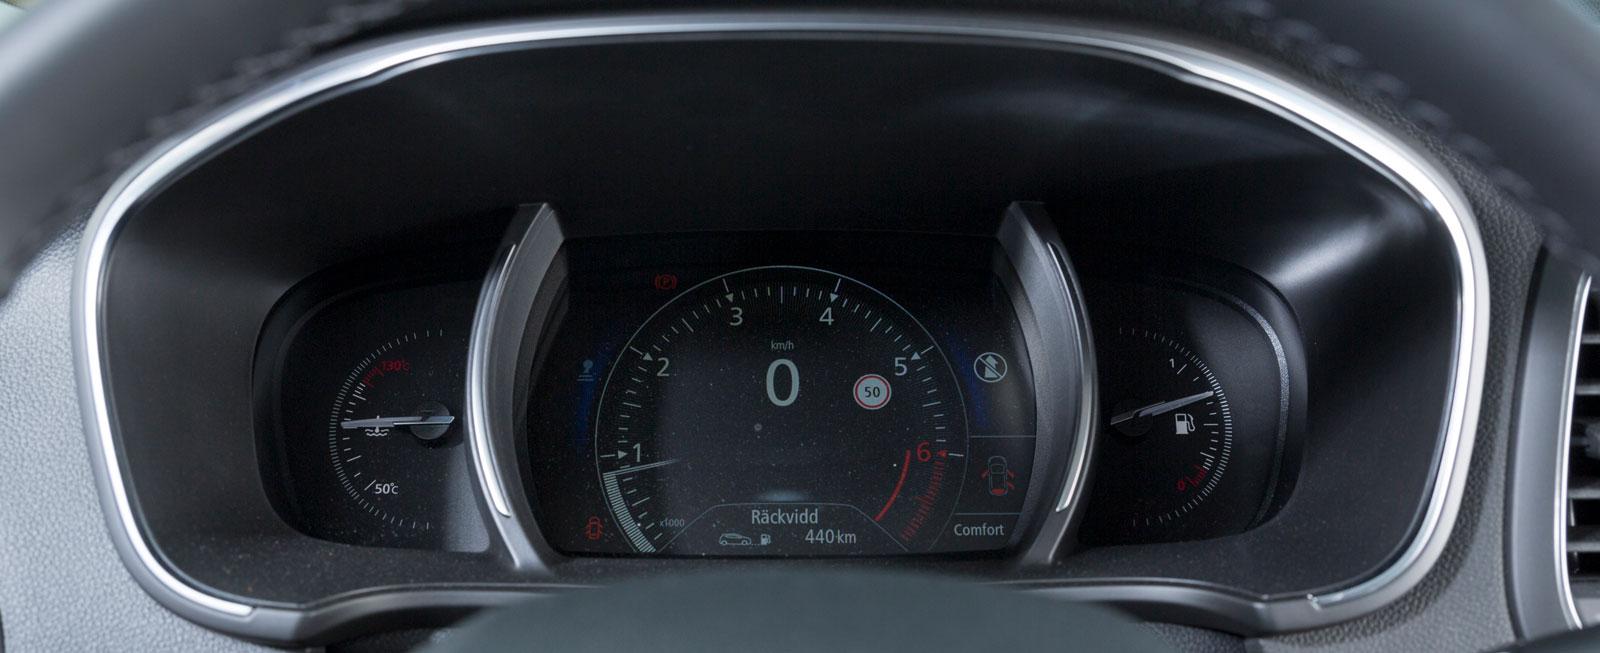 Méganes huvudinstrument känns igen från andra Renault och kan varieras i utseende.